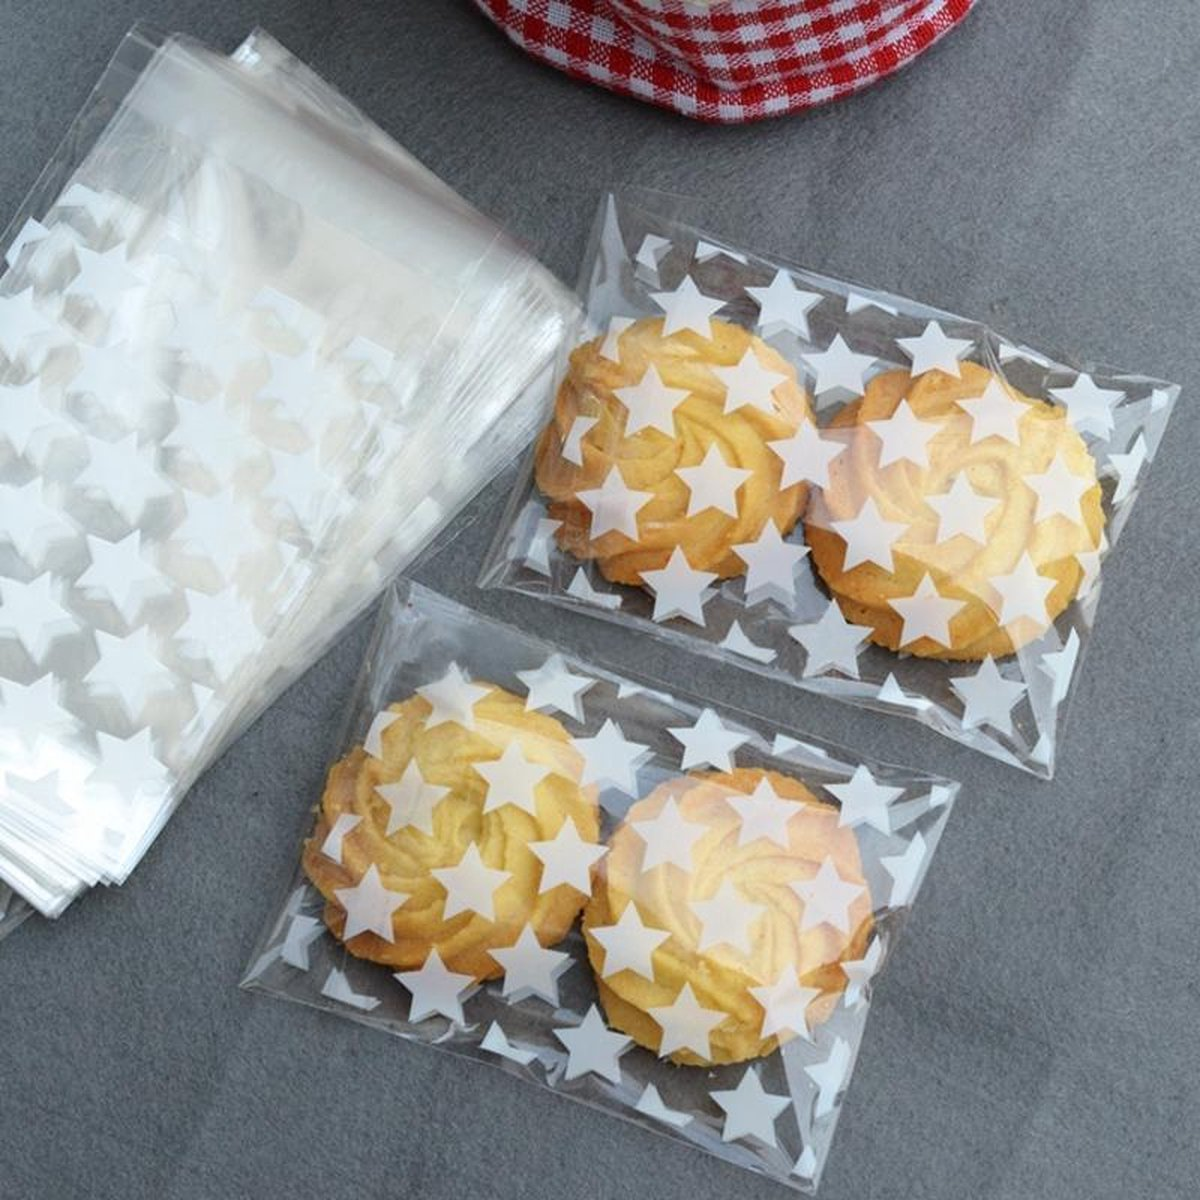 100 Transparante Uitdeelcadeau Zakjes met Sterren - Uitdeelzakjes - Plastic - Wit Doorzichtig - 100